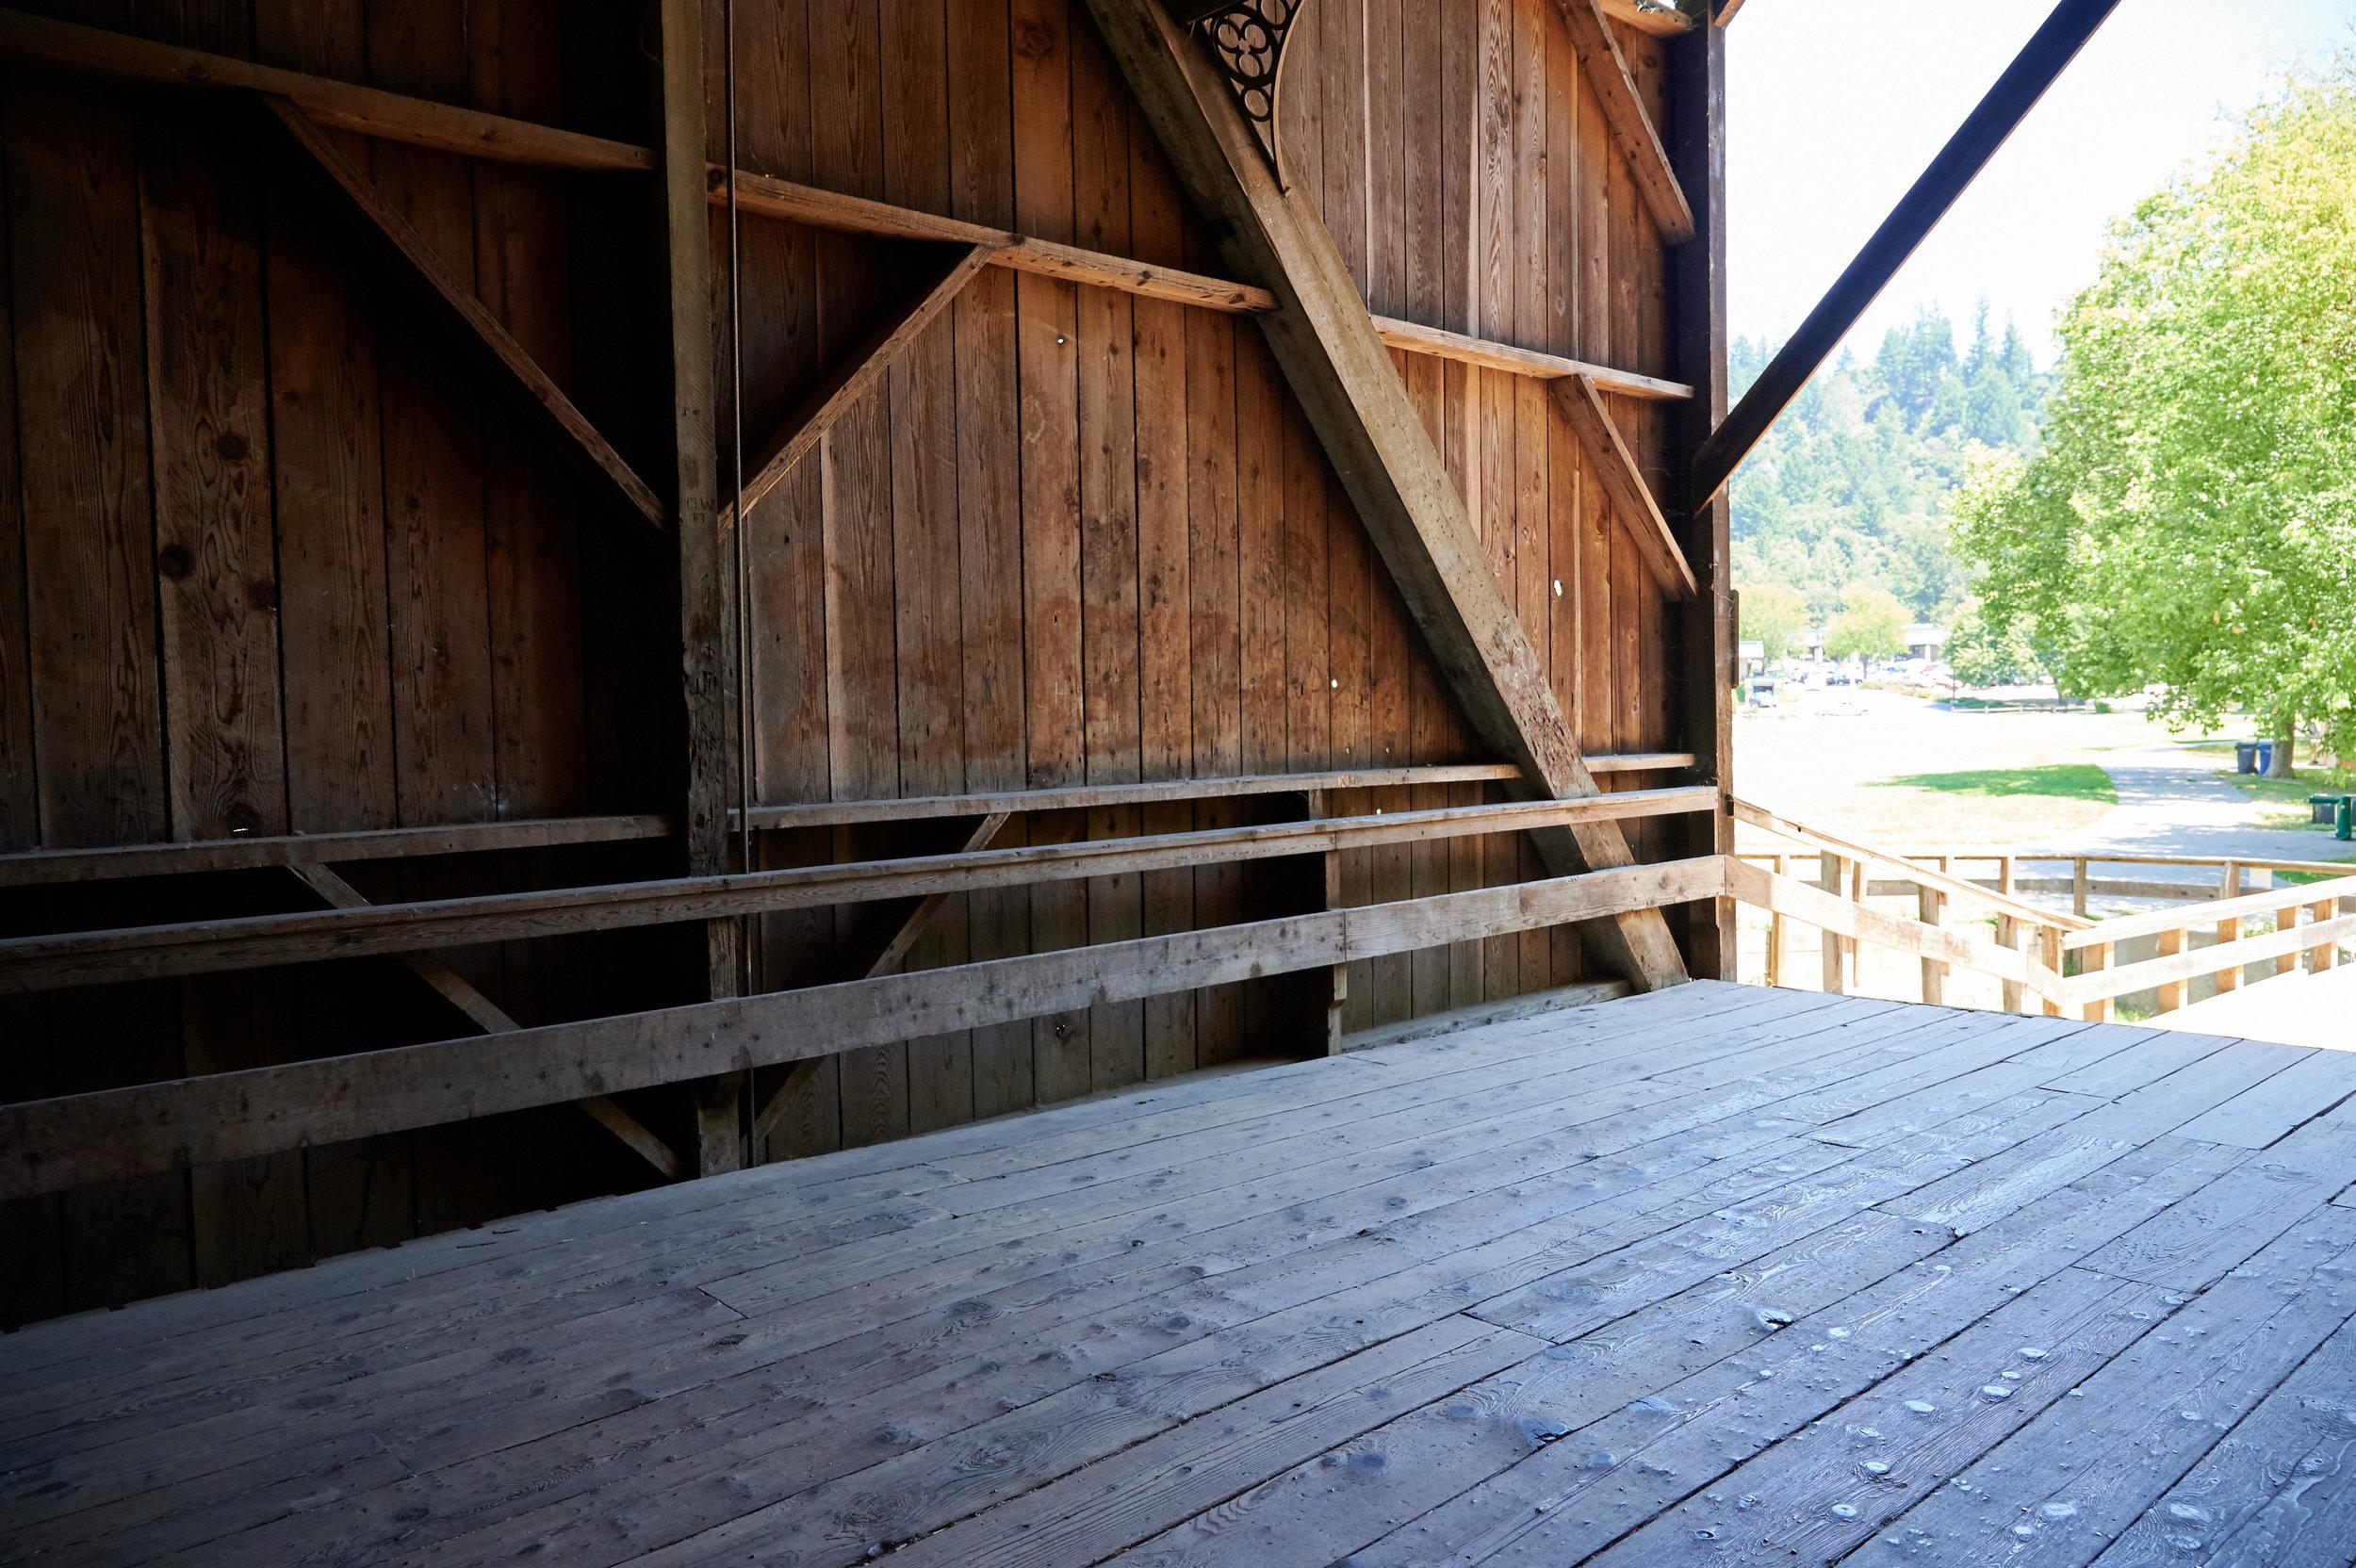 felton-guild-and-covered-bridge-2019-07-09-46.jpg